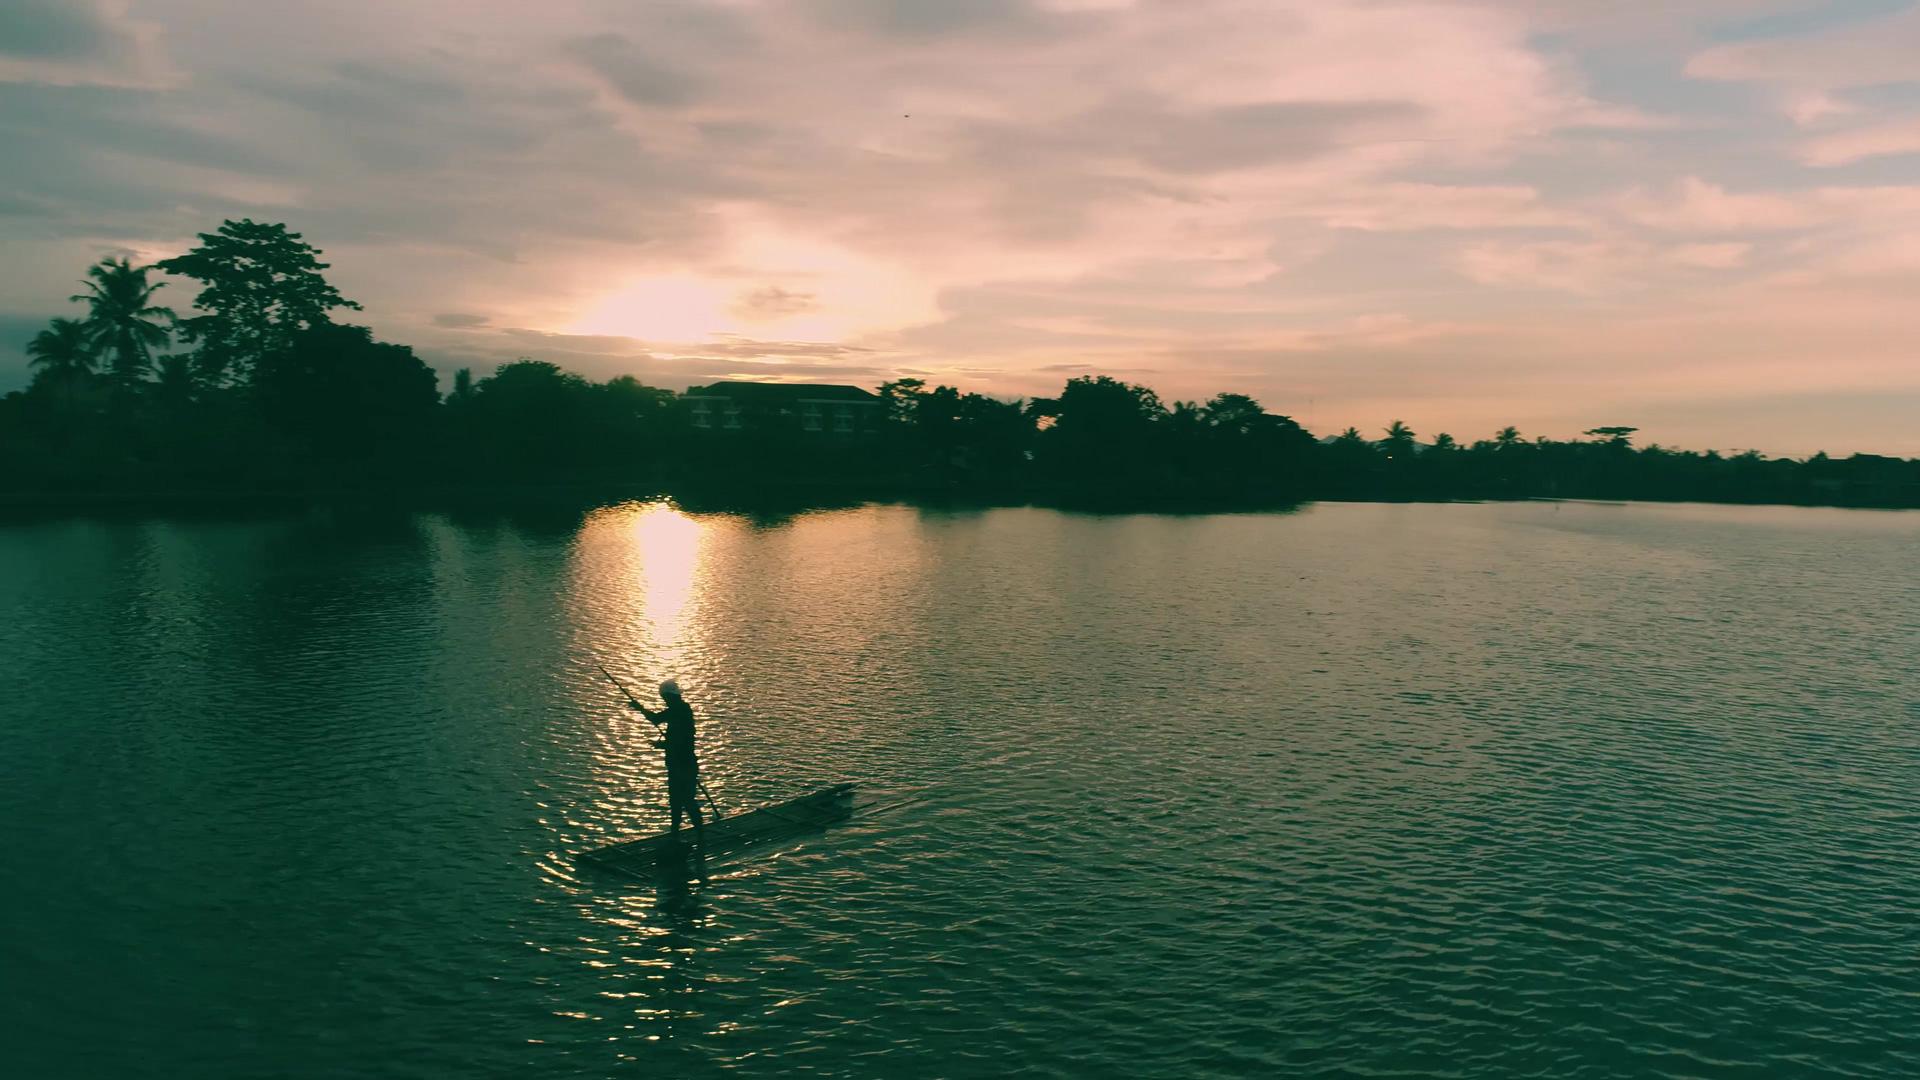 Jasa Pembuatan Video Company Profile Bogor Sky Beautiful Sunset at Situ Gede Bogor